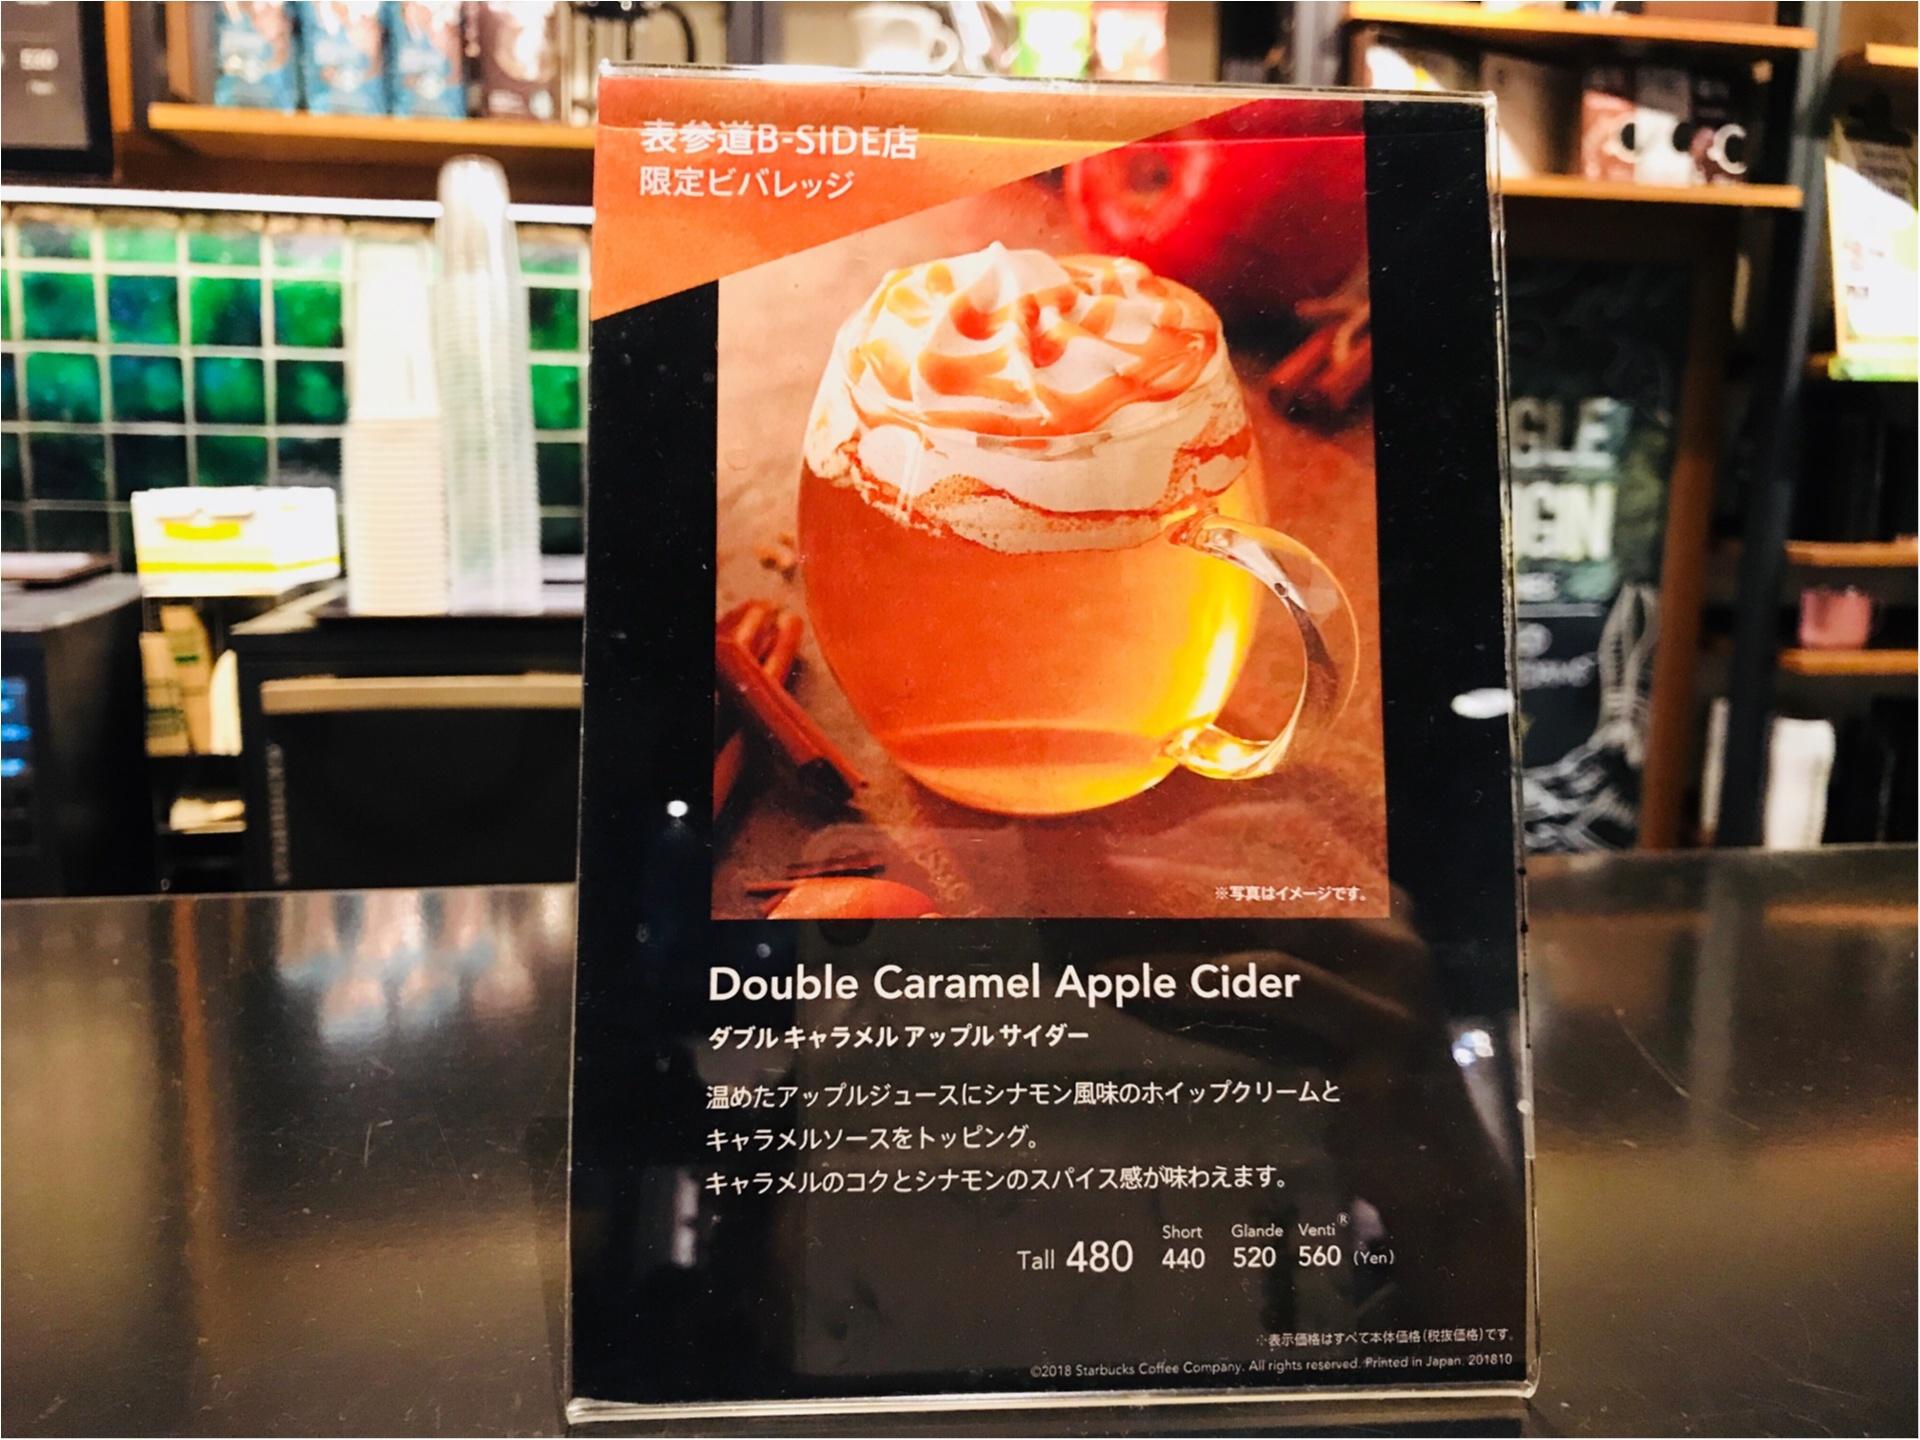 【スタバ】ココでしか飲めない!《ダブルキャラメルアップルサイダー》って知ってる?_1